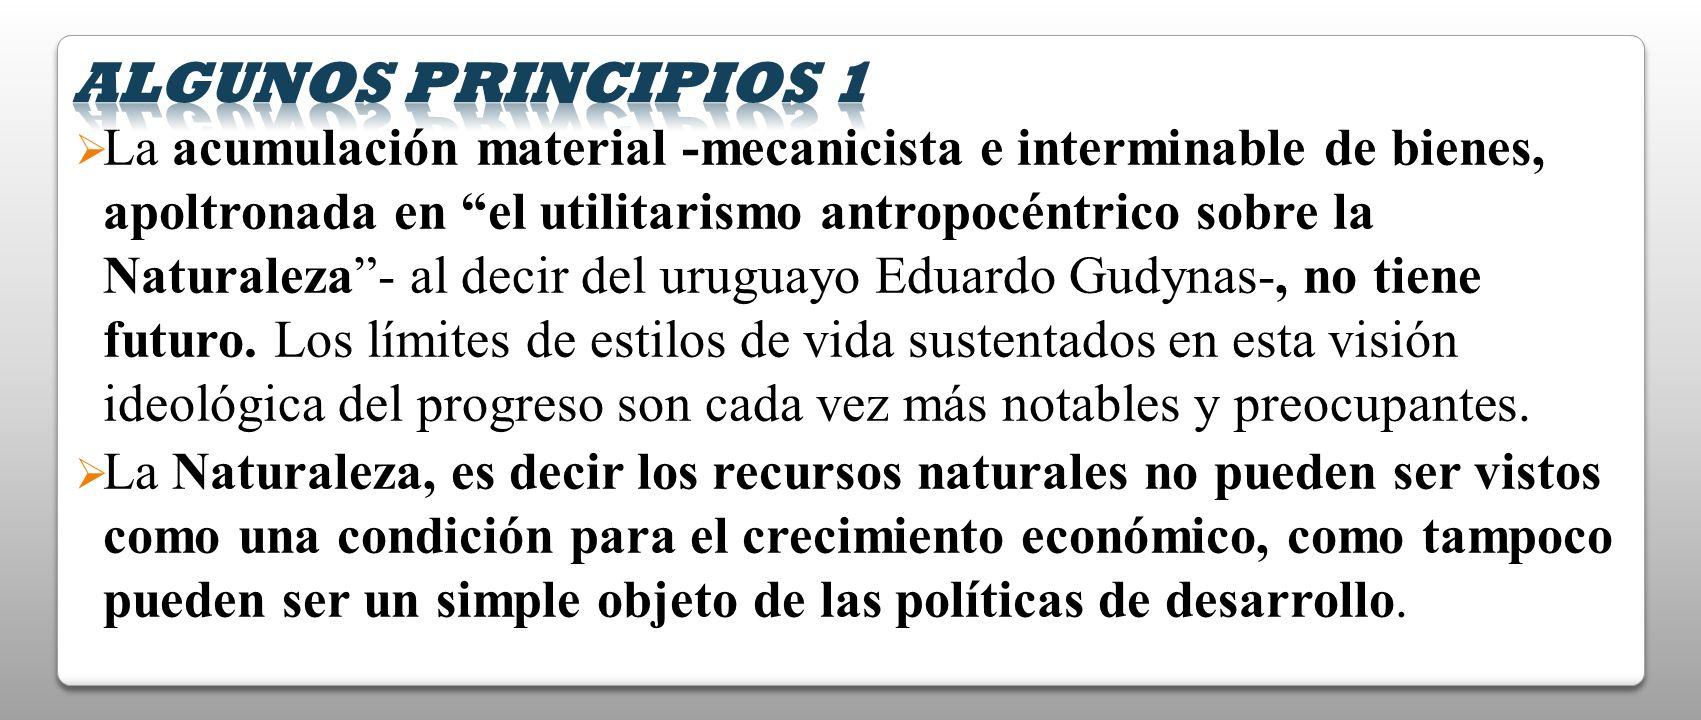 Algunos principios 1